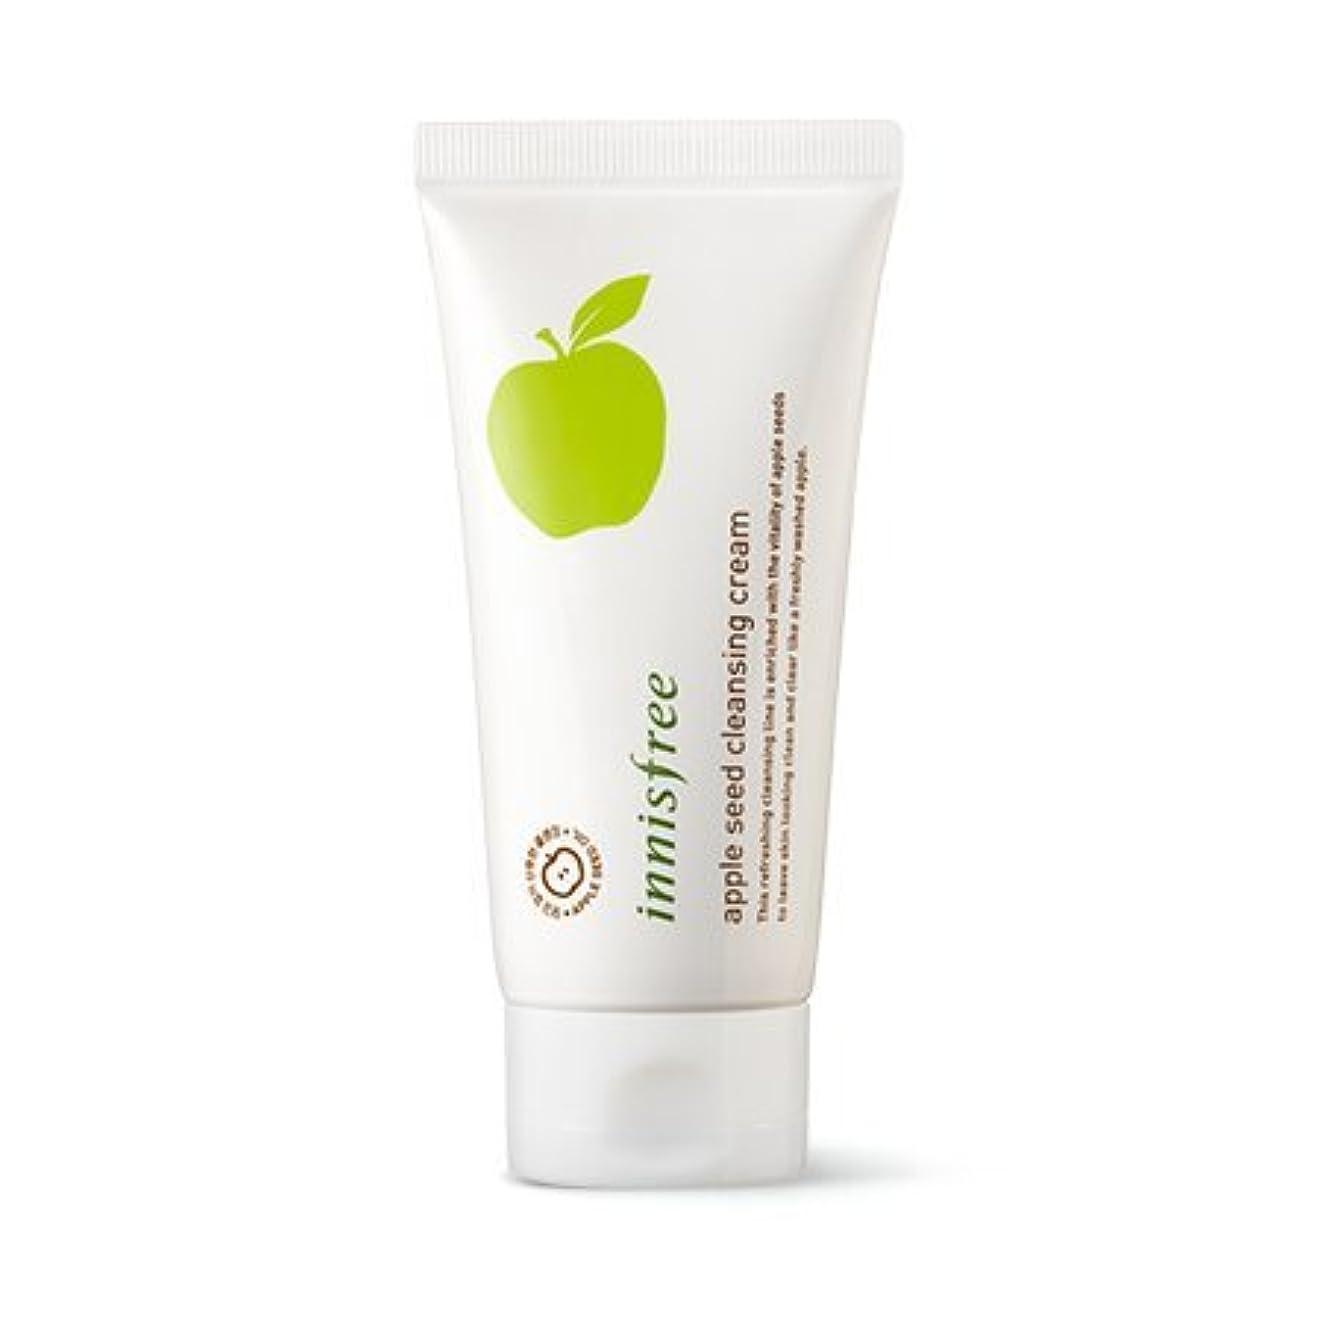 警官いらいらする放送[New] innisfree Apple Seed Cleansing Cream 150ml/イニスフリー アップル シード クレンジング クリーム 150ml